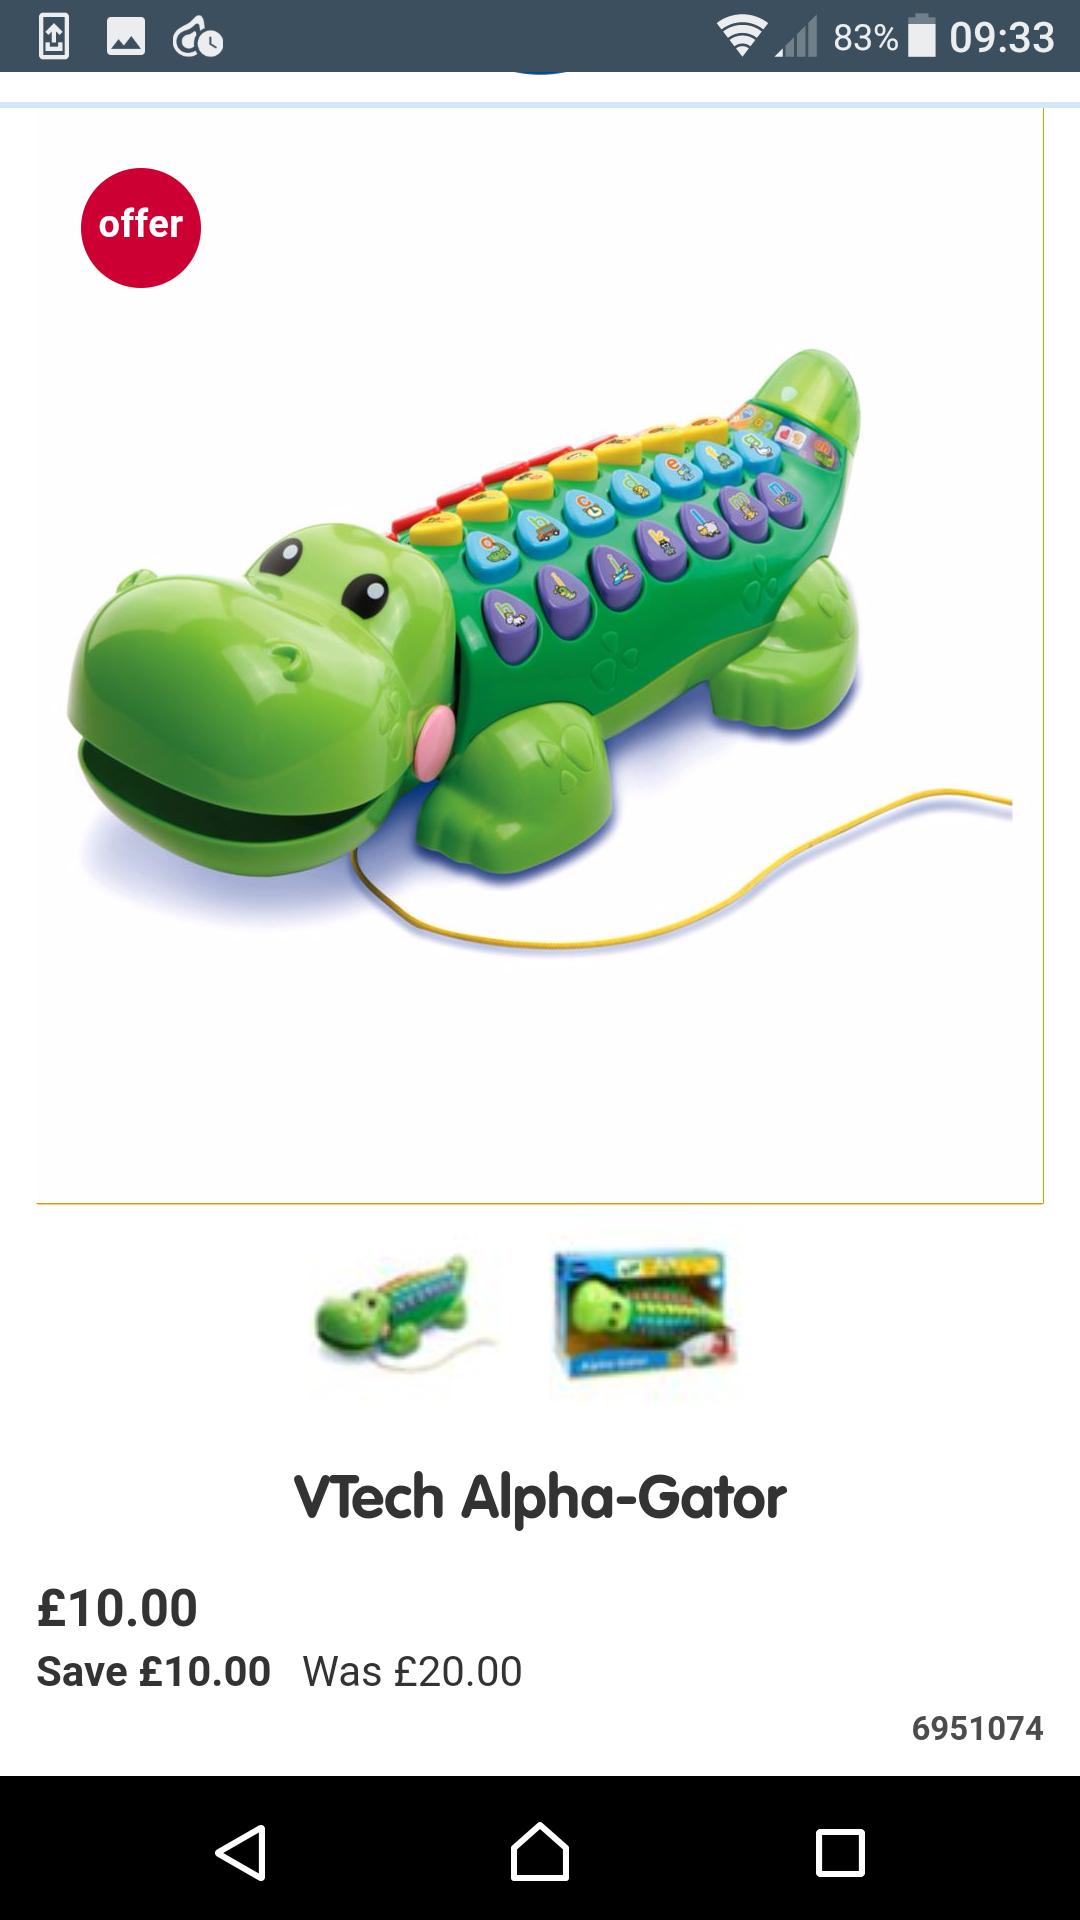 Vtech alpha gator £10 @ Boots